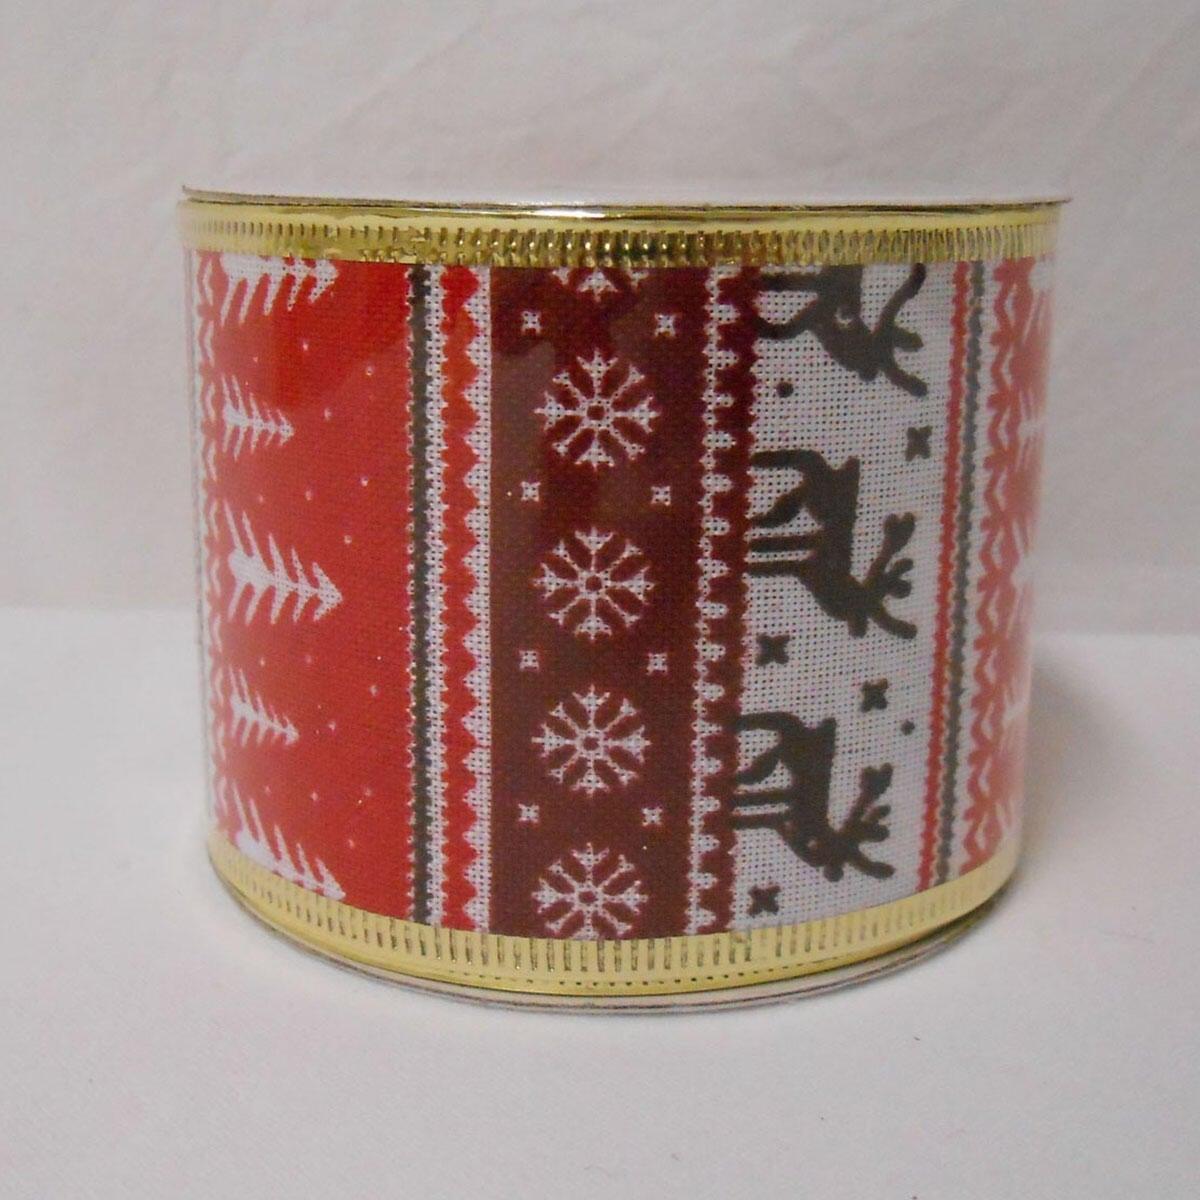 Decorazione per albero di natale in tessuto rosso biancoL 6.3 cm